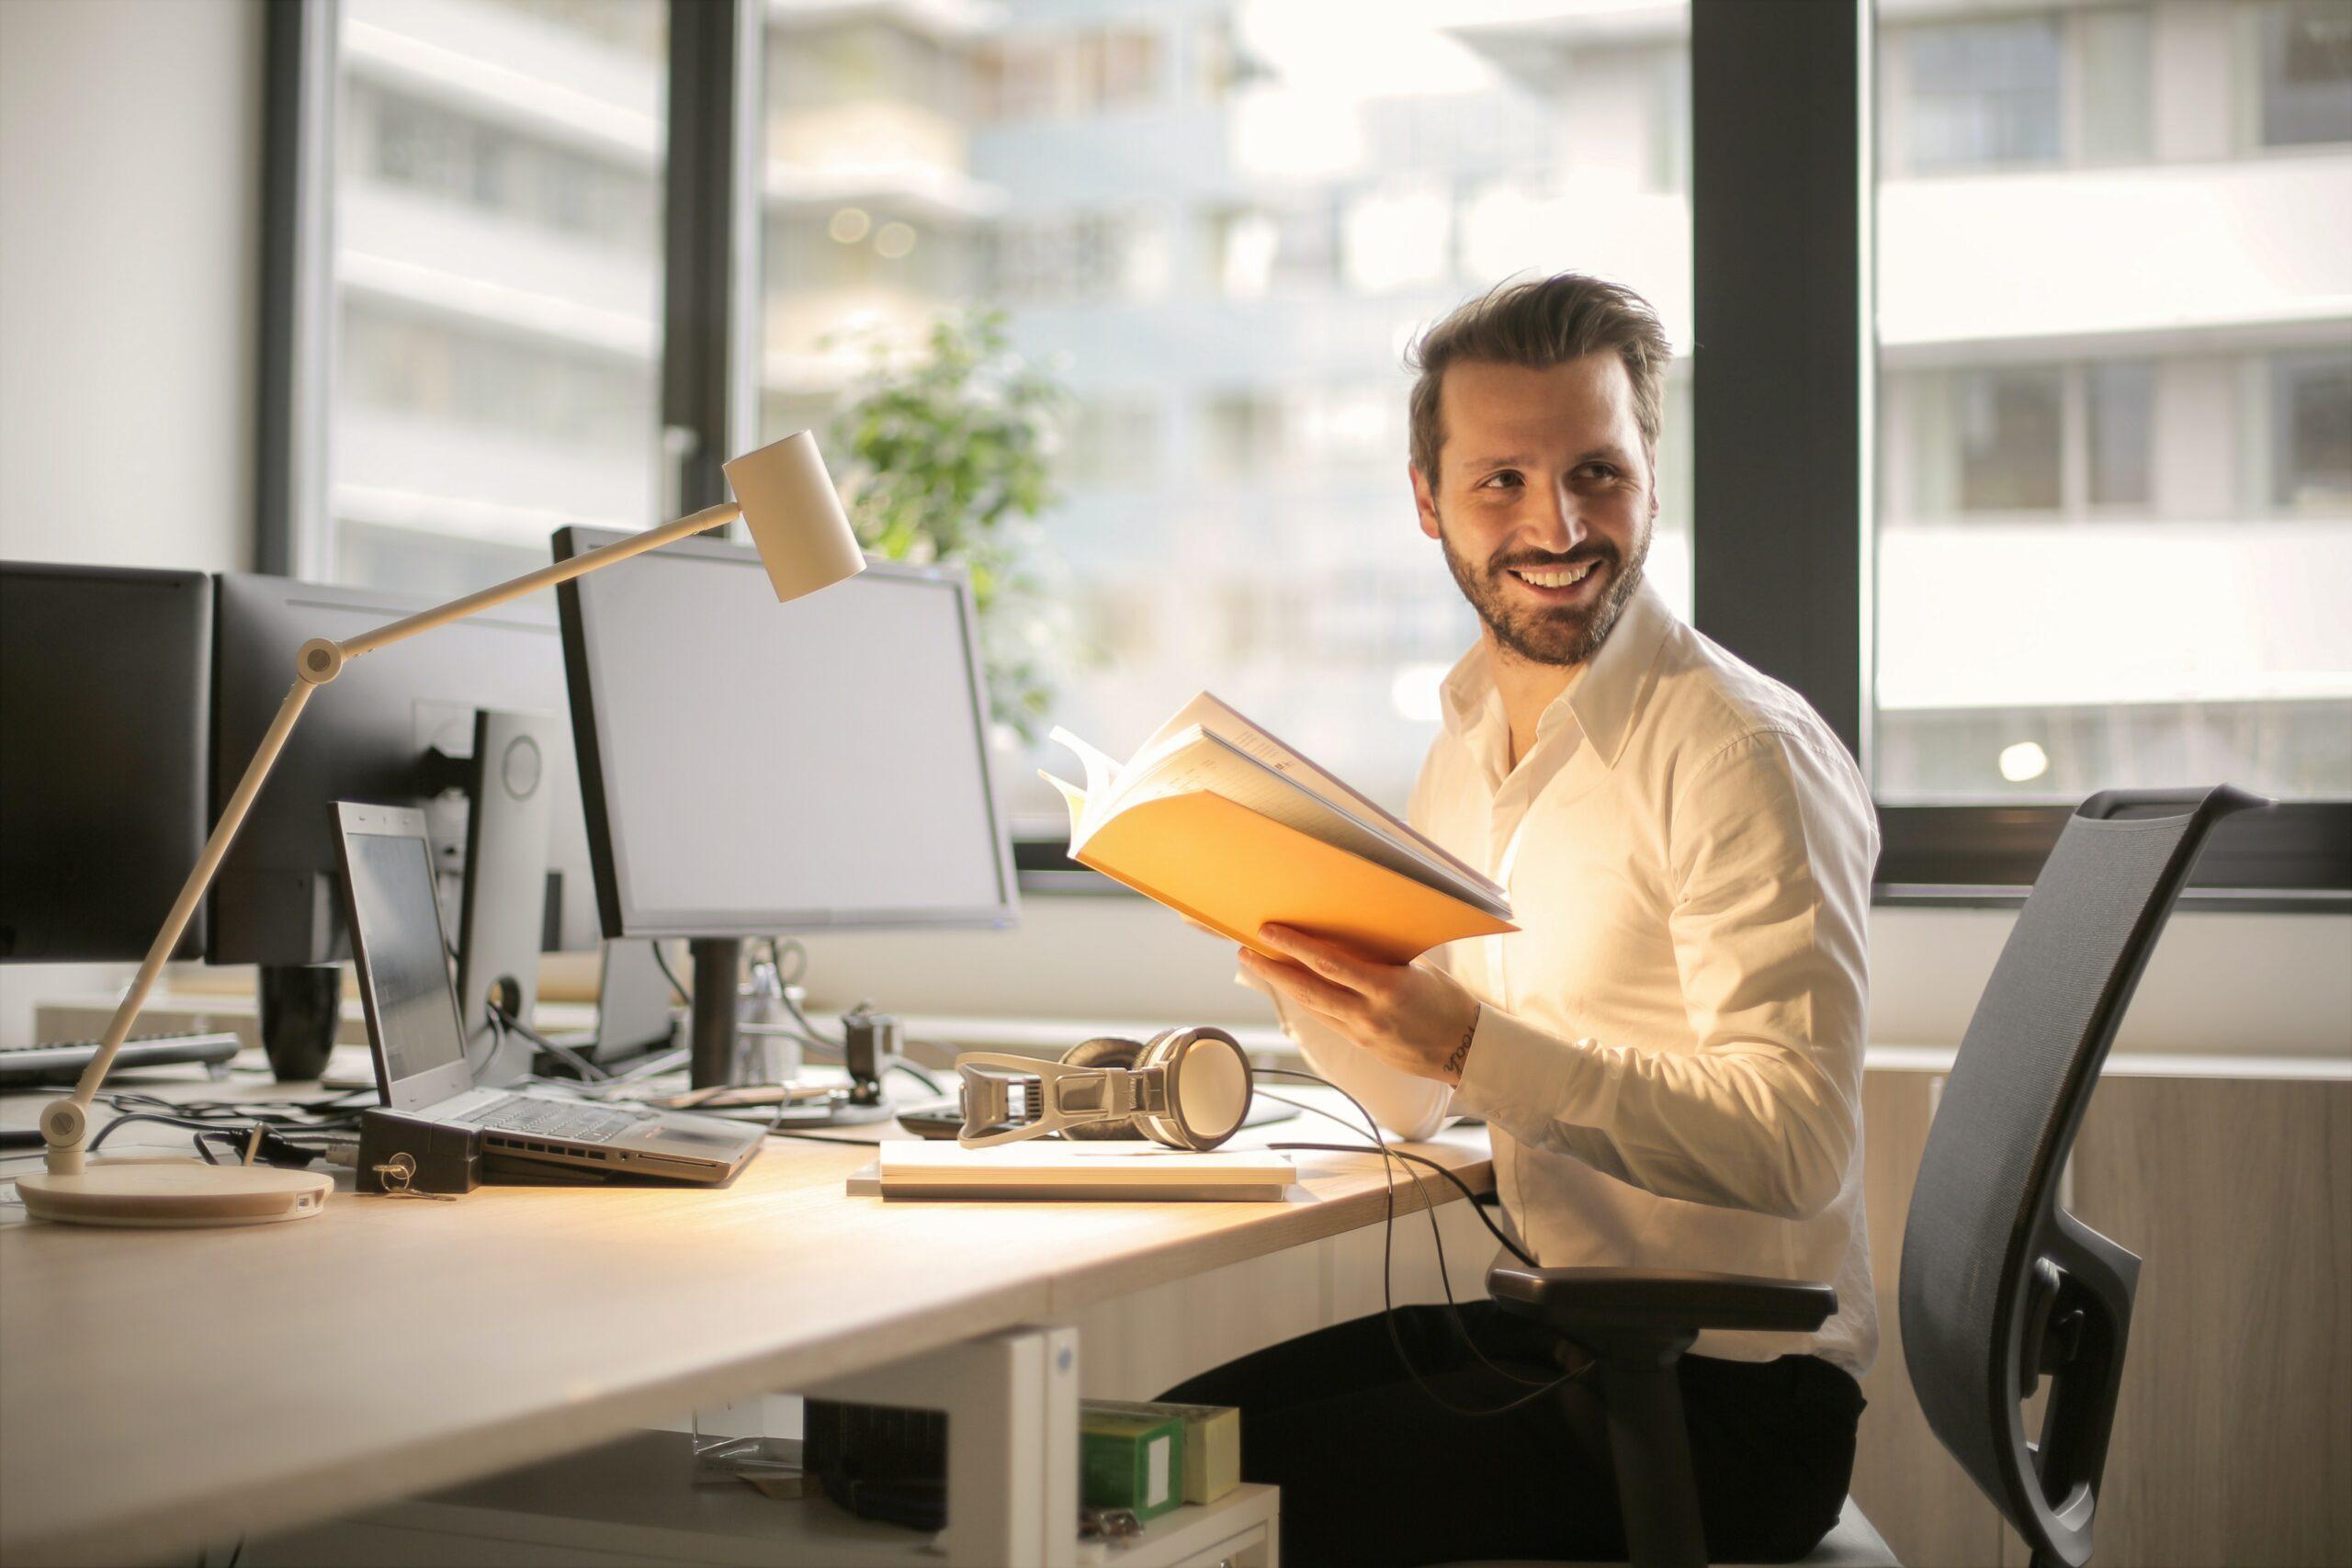 Administratieve hulp | Hulp bij administratie | Administratie versterking